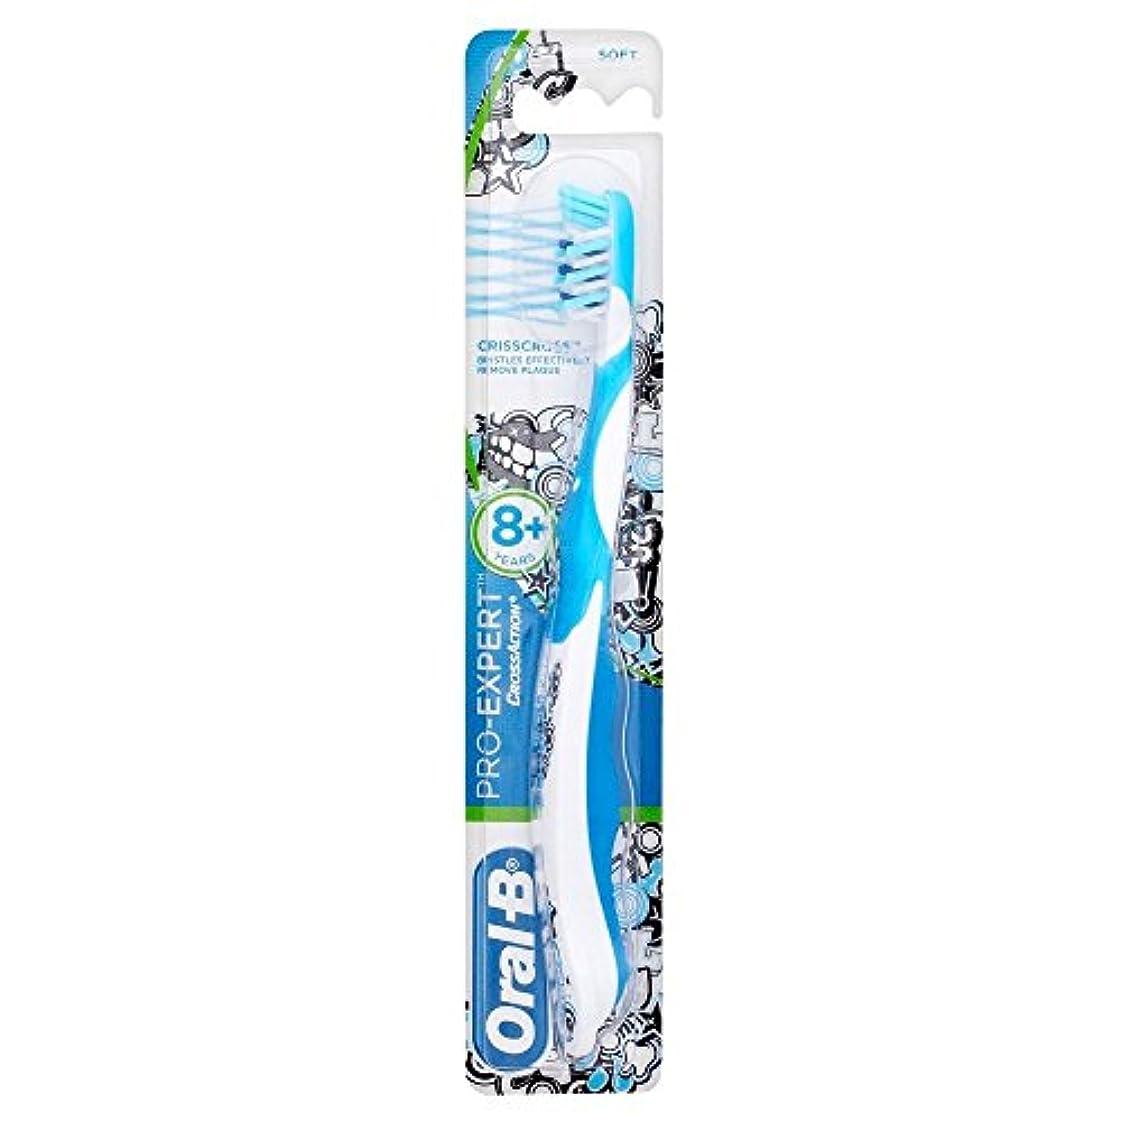 リビングルームセマフォテキストOral-B Toothbrush Pro-Expert Soft Bristles 8yr + オーラルb歯ブラシプロ専門ソフト剛毛??8Yr + [並行輸入品]